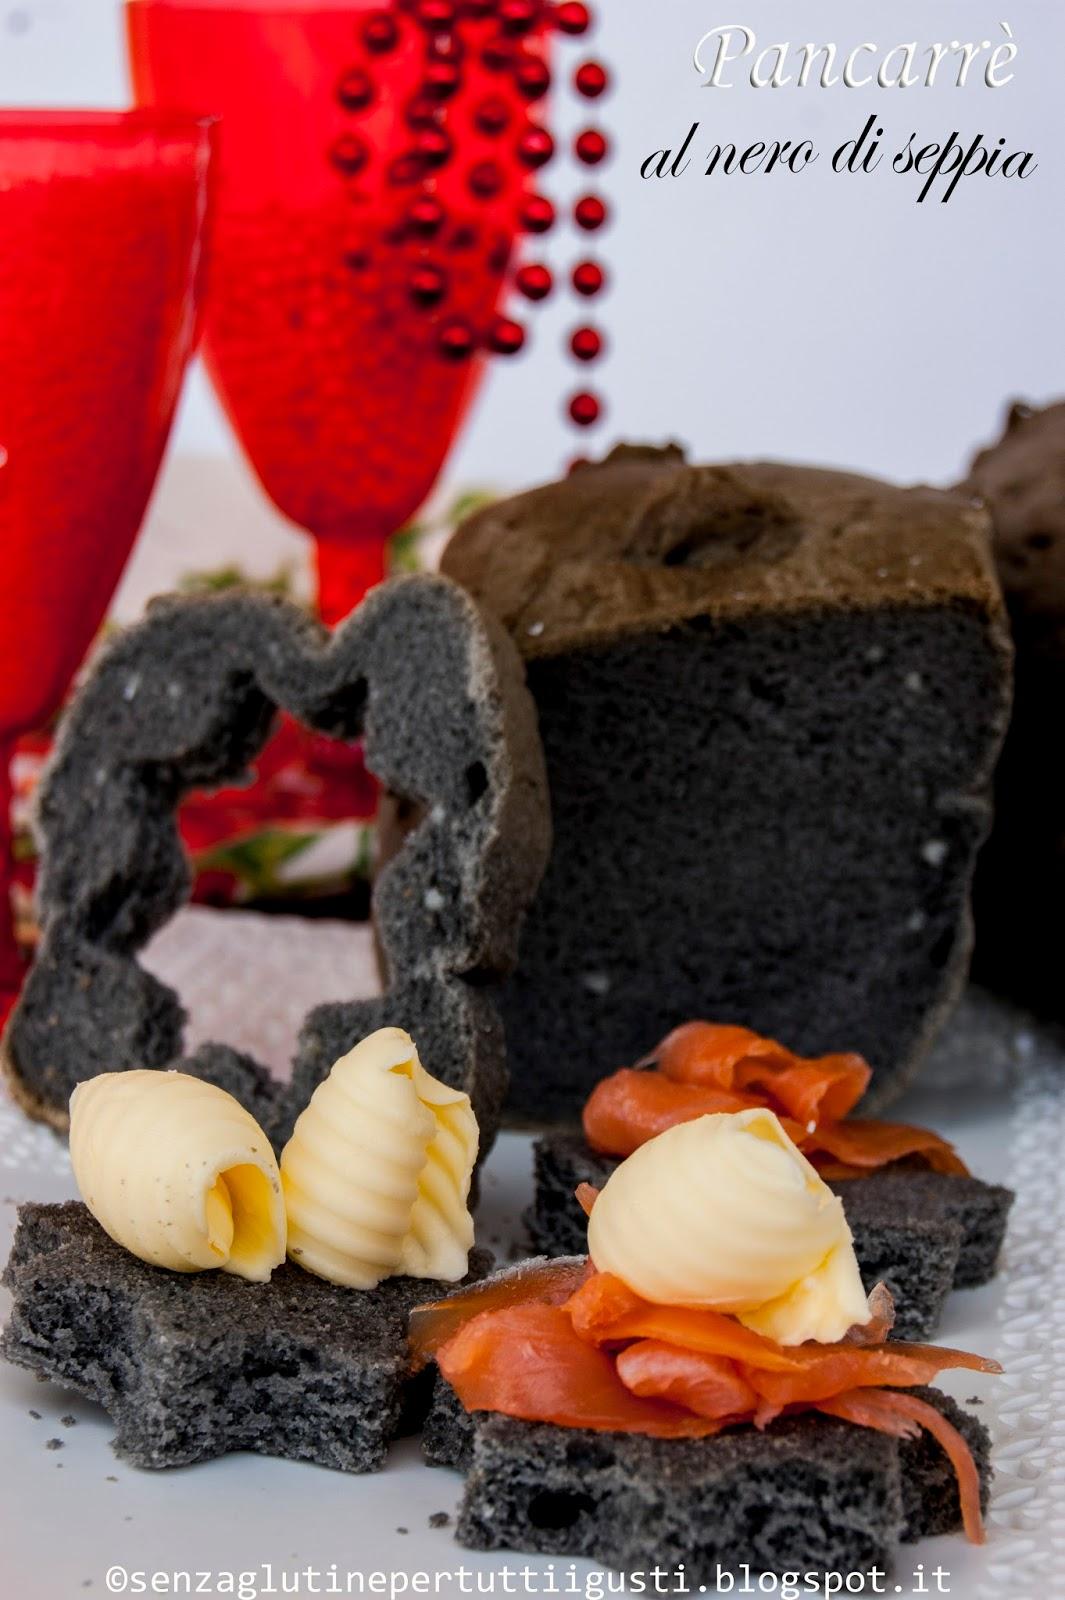 pancarrè al nero di seppia senza glutine